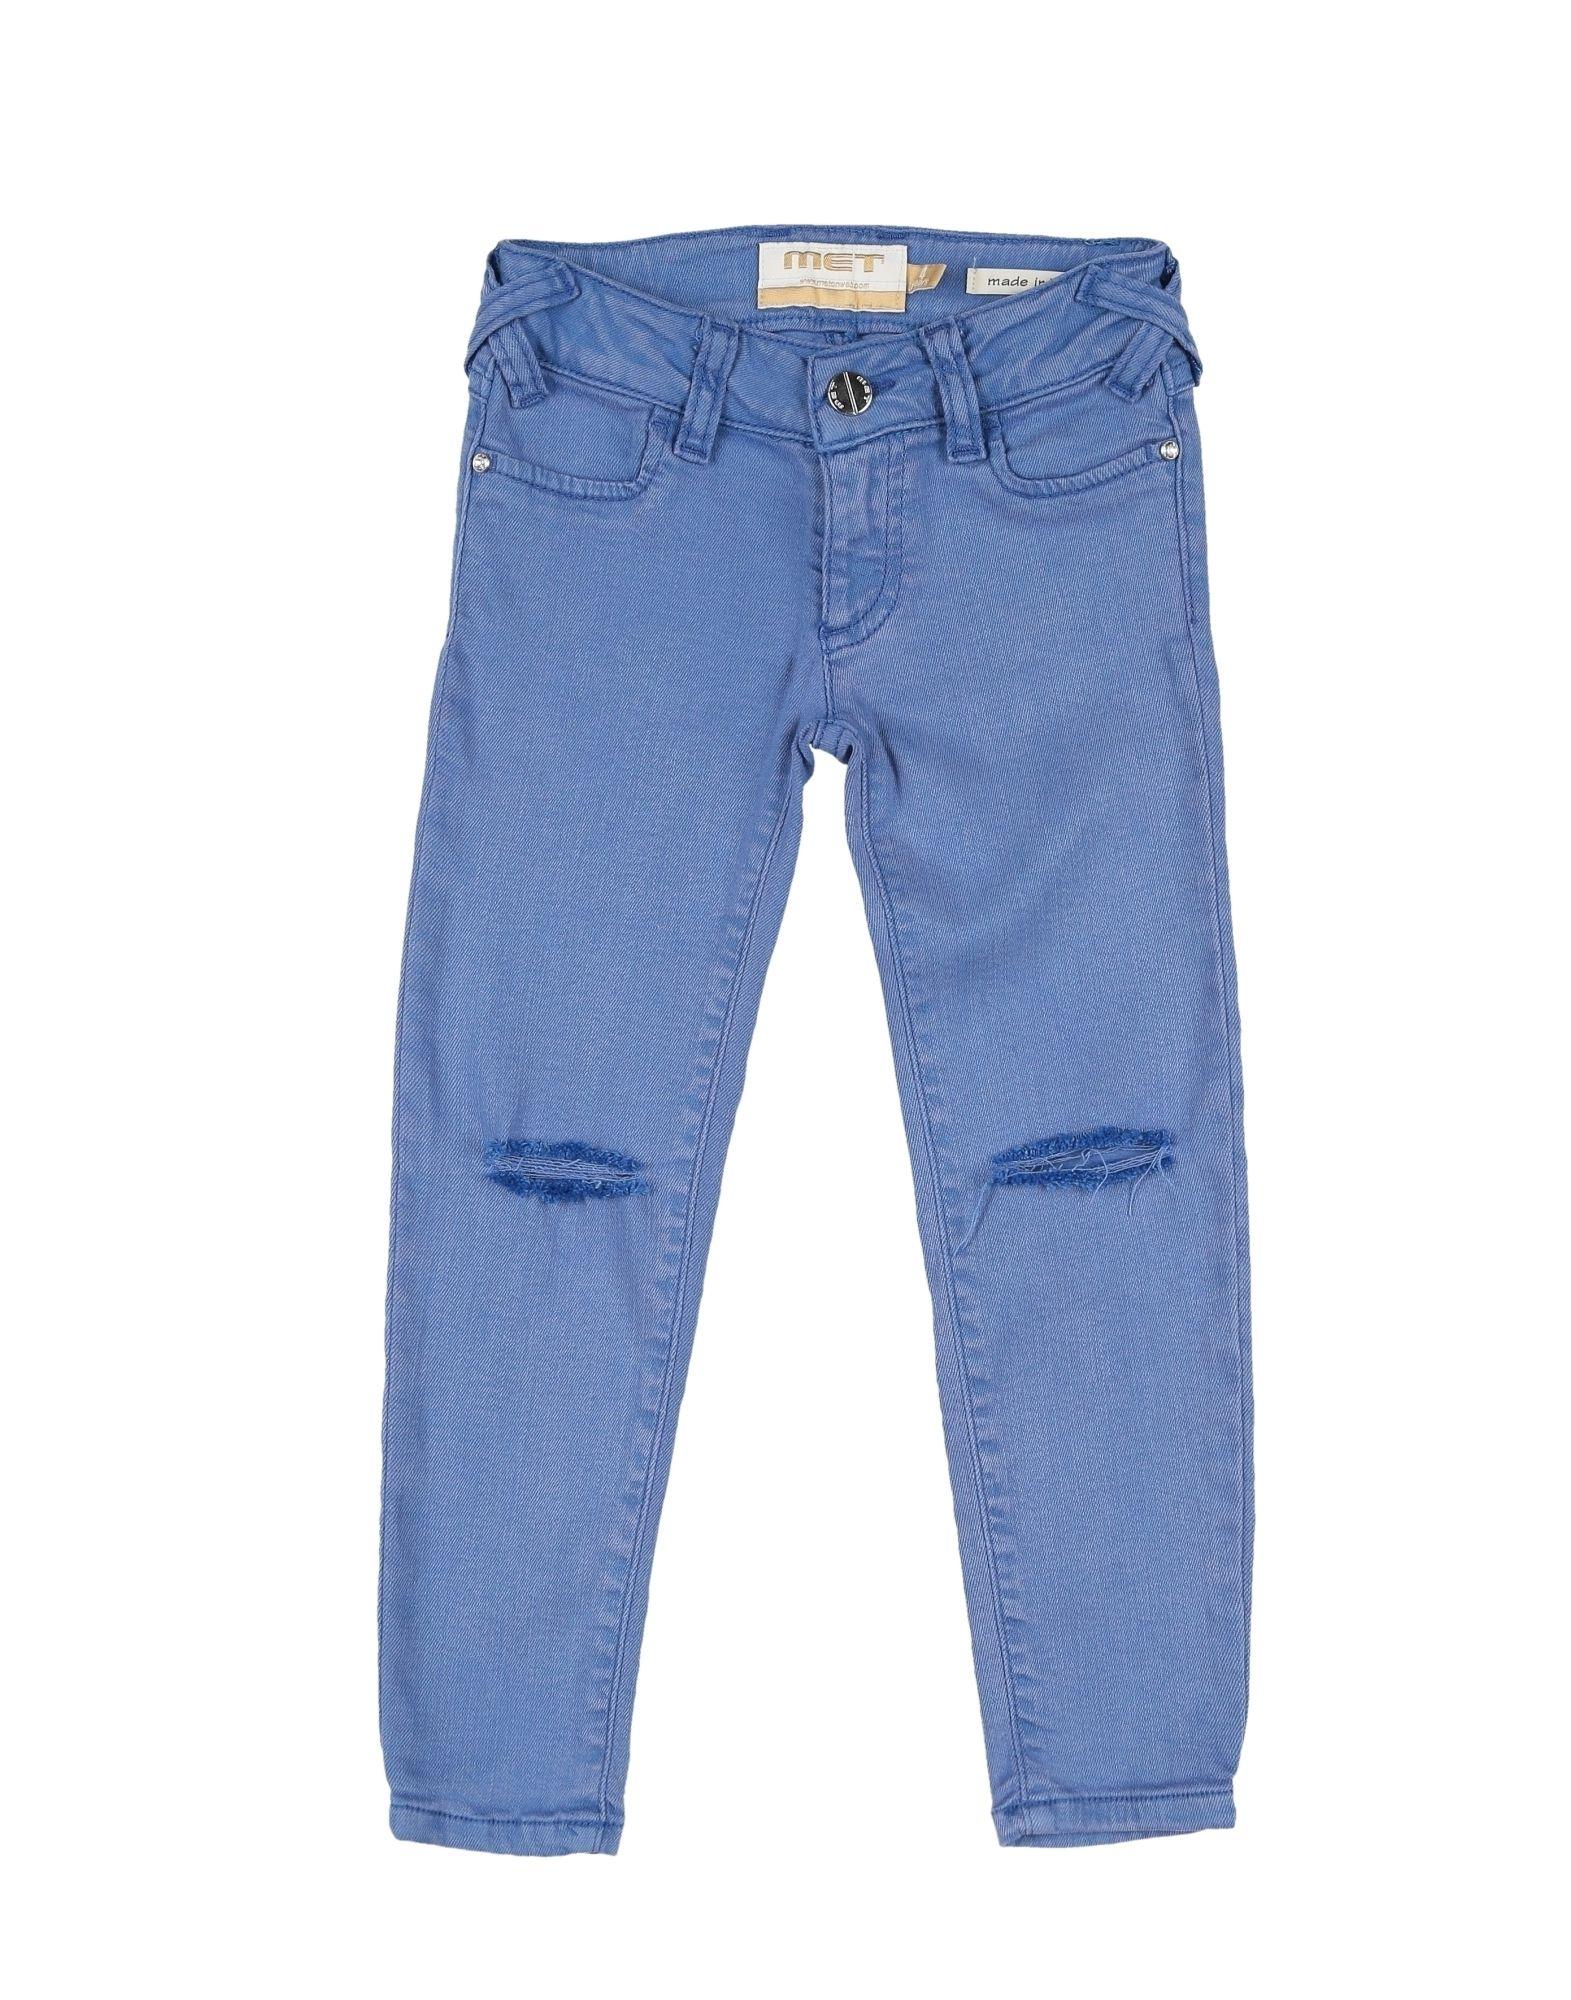 MET Джинсовые брюки брюки текстильные джинсовые для девочек 110 362011 синий деним ean 4690244736511